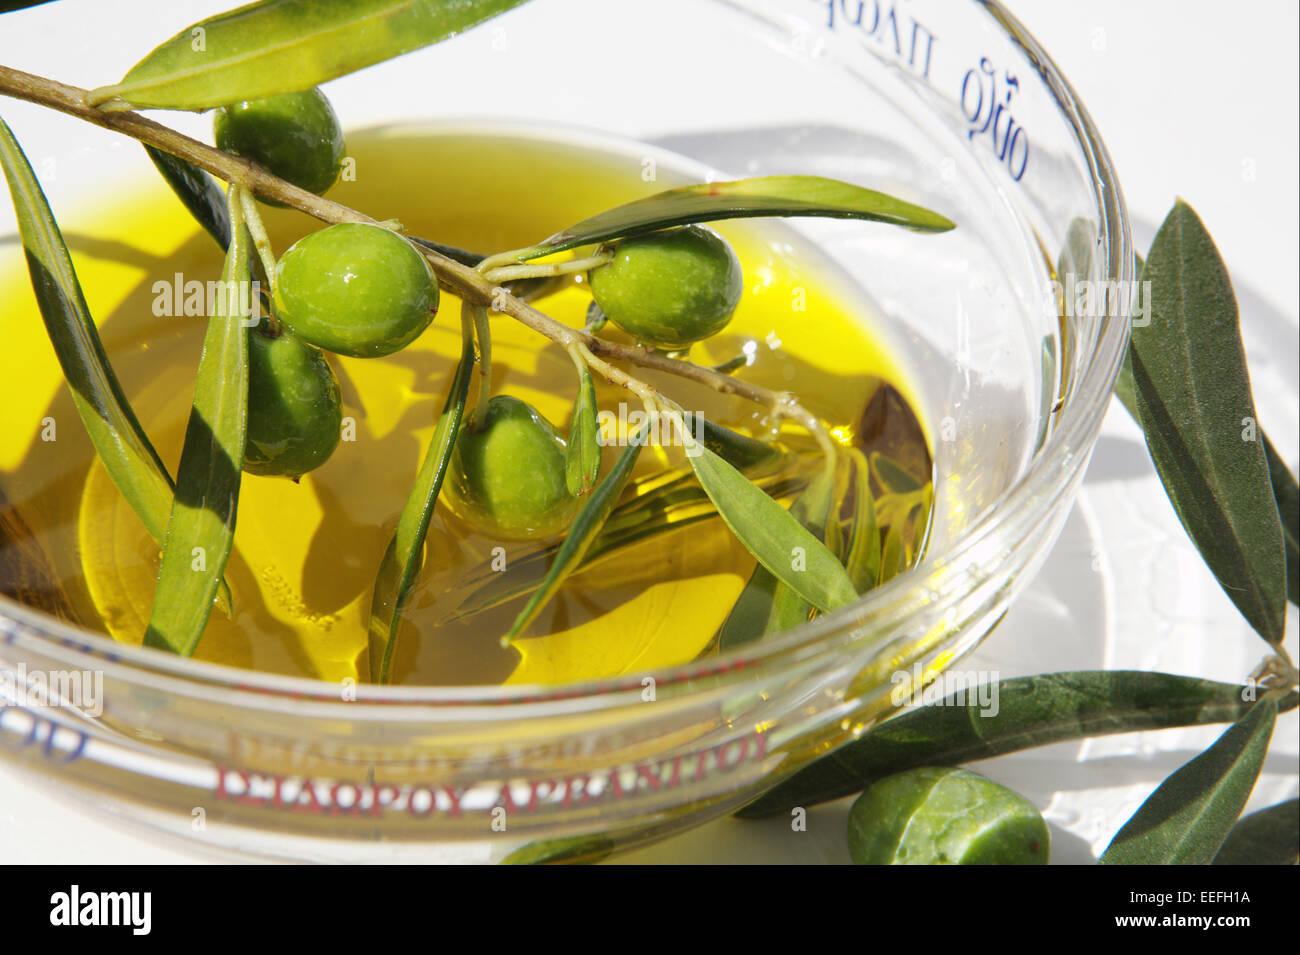 Ernaehrung, Ernährung, Farbe, Gastronomie, Gesundheit, Kueche, Küche,  Nahaufnahme, Nahrung, Nahrungsmittel, Olive, Oliven Oel, O